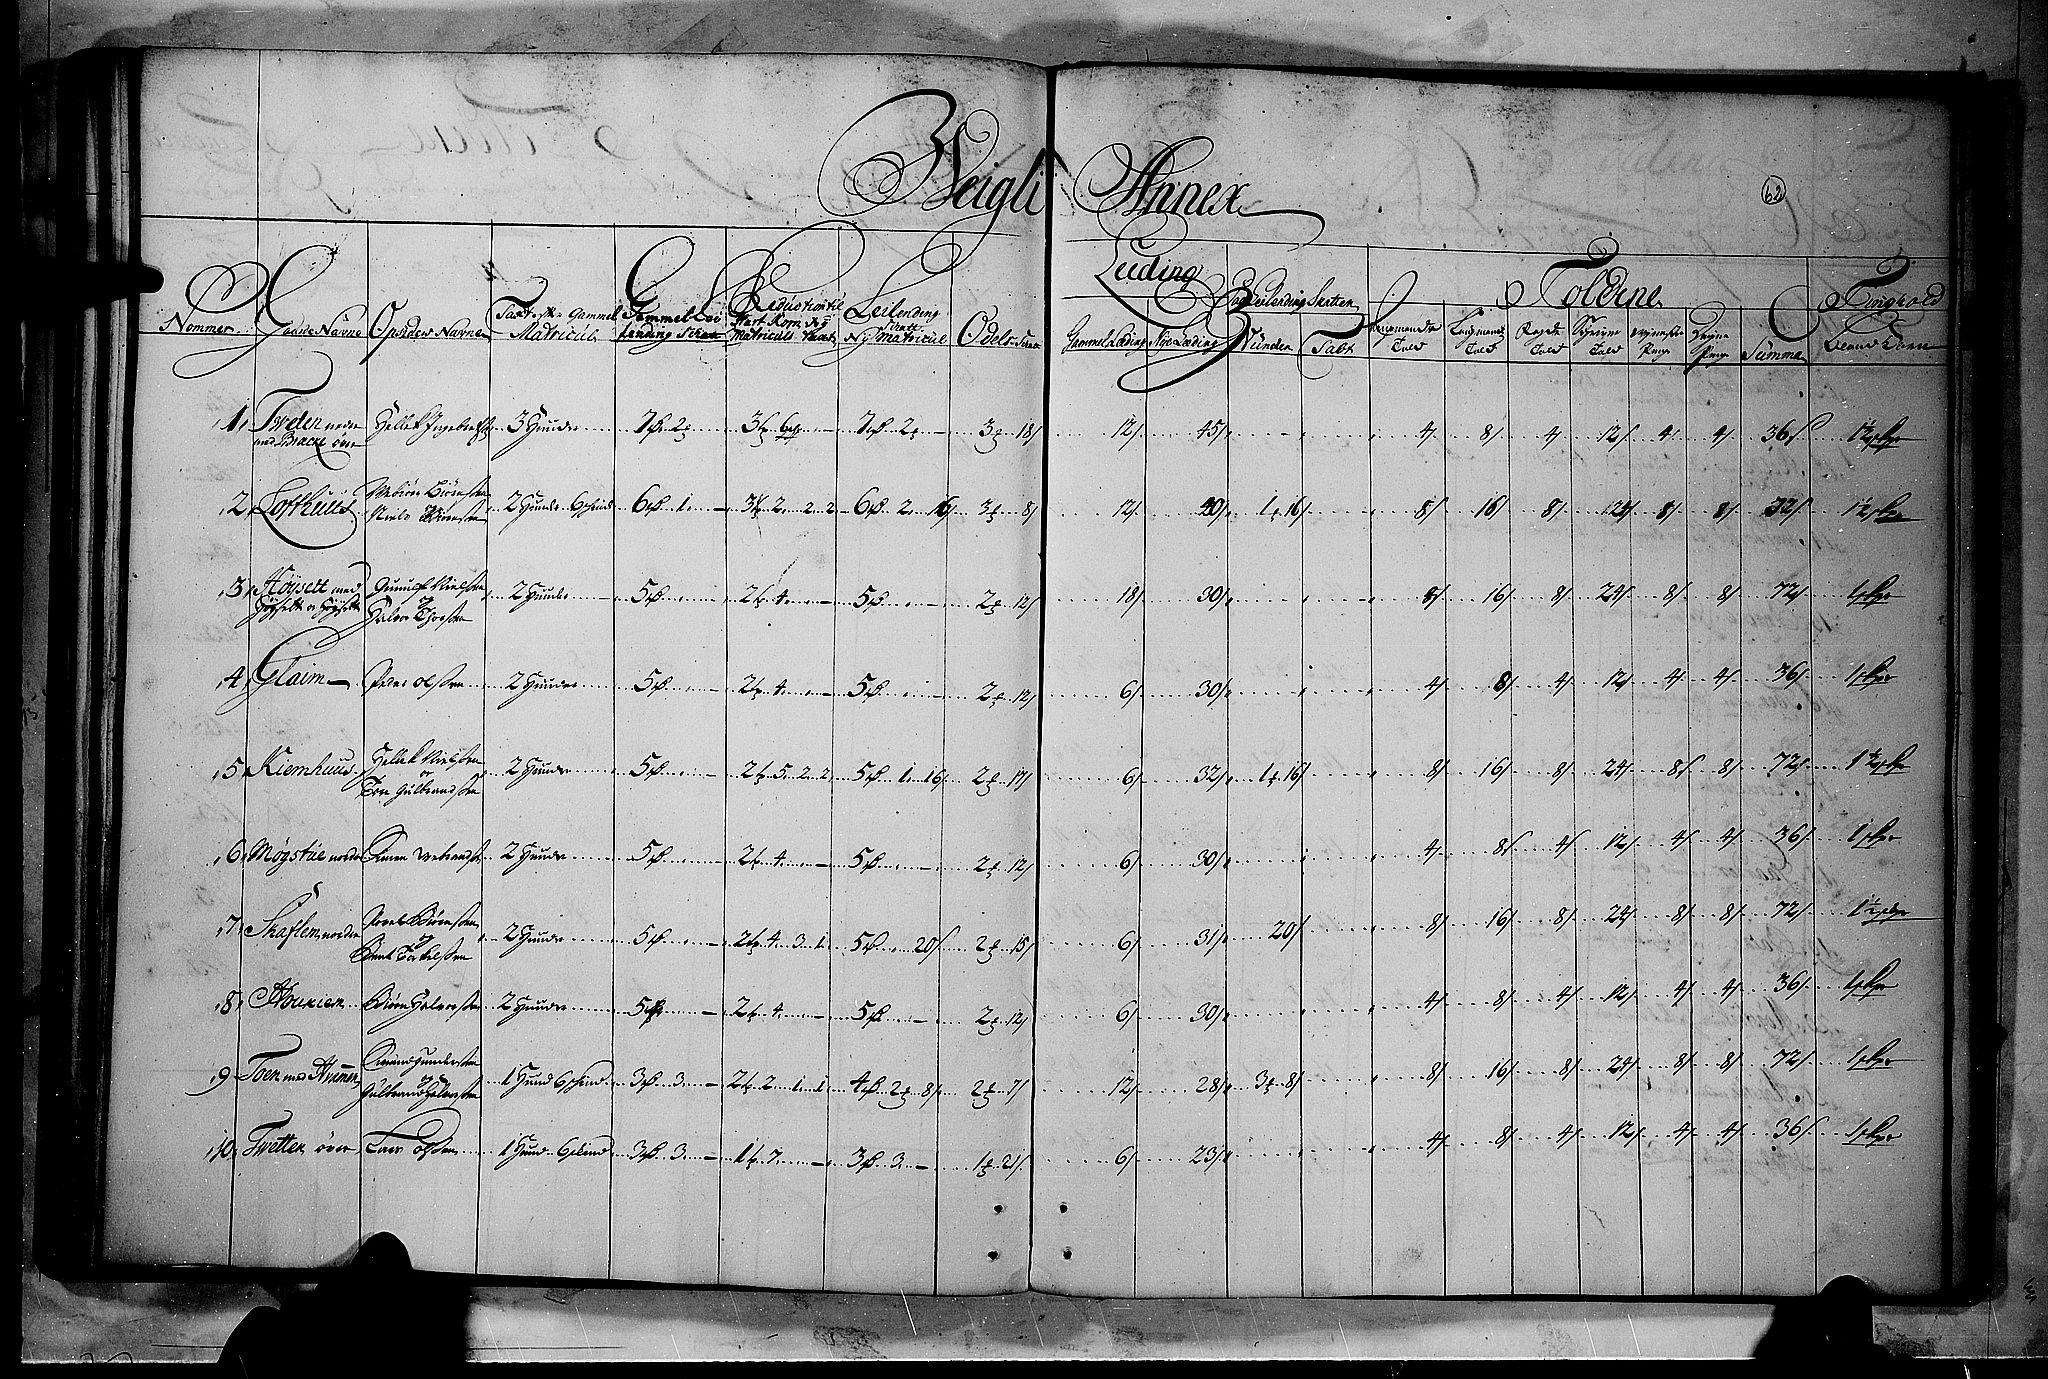 RA, Rentekammeret inntil 1814, Realistisk ordnet avdeling, N/Nb/Nbf/L0114: Numedal og Sandsvær matrikkelprotokoll, 1723, s. 61b-62a